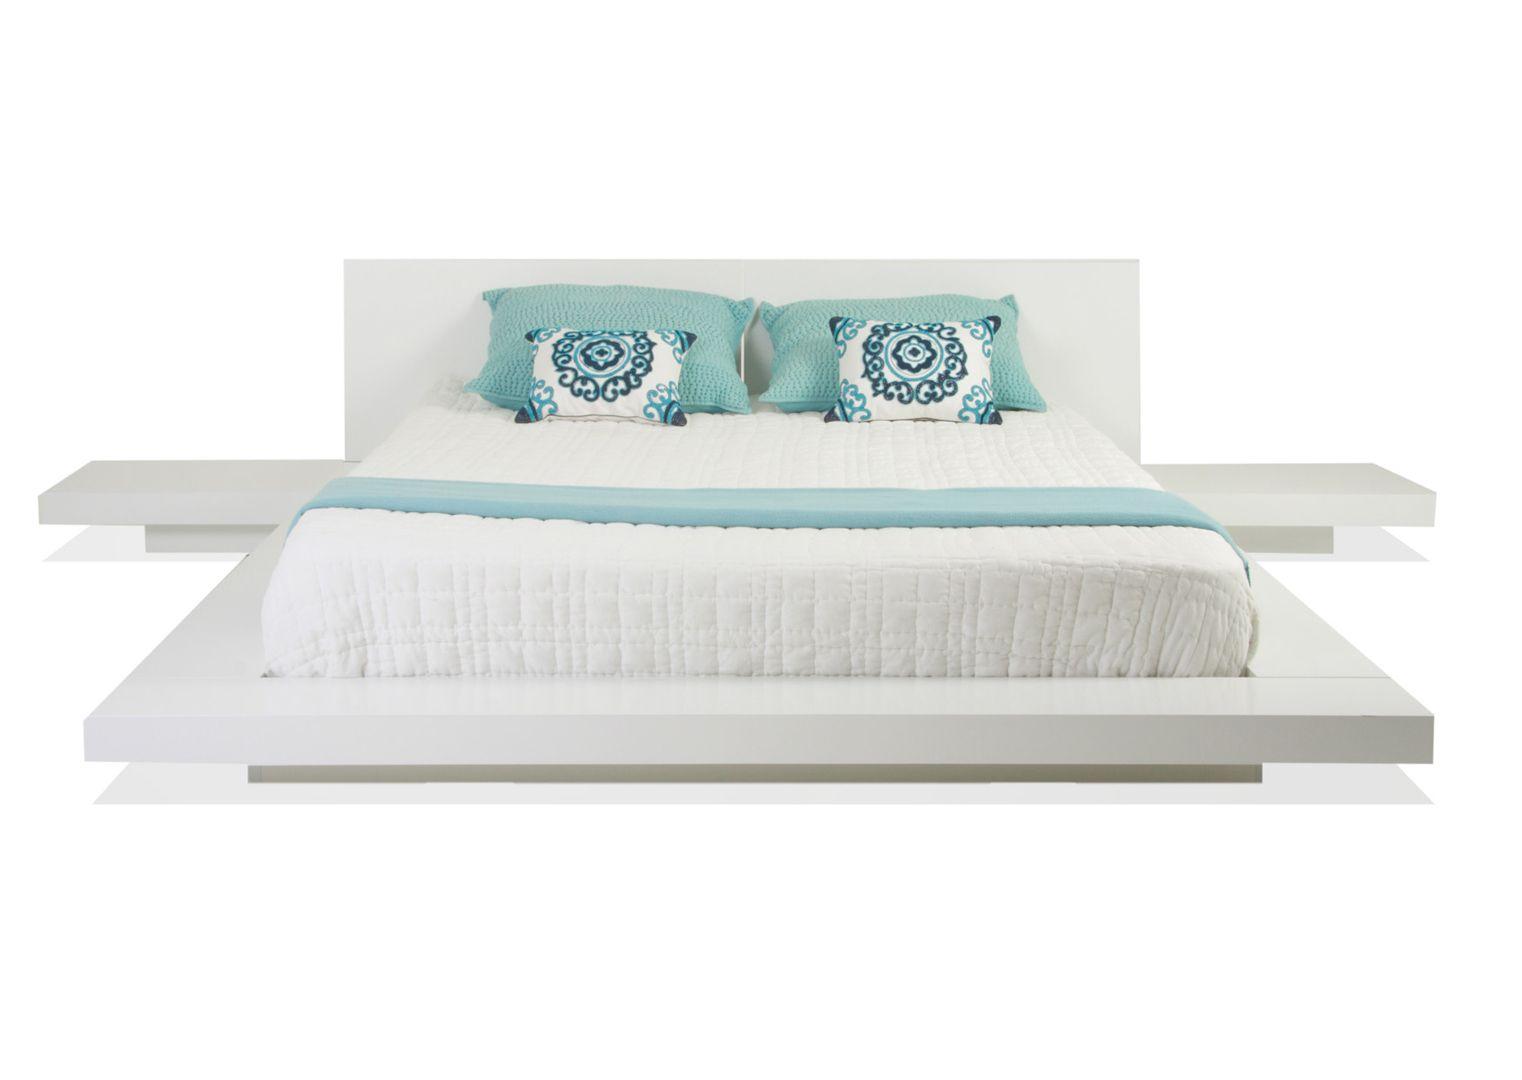 White Platform Japanese Bed Furniture Bedroom Furniture Bed